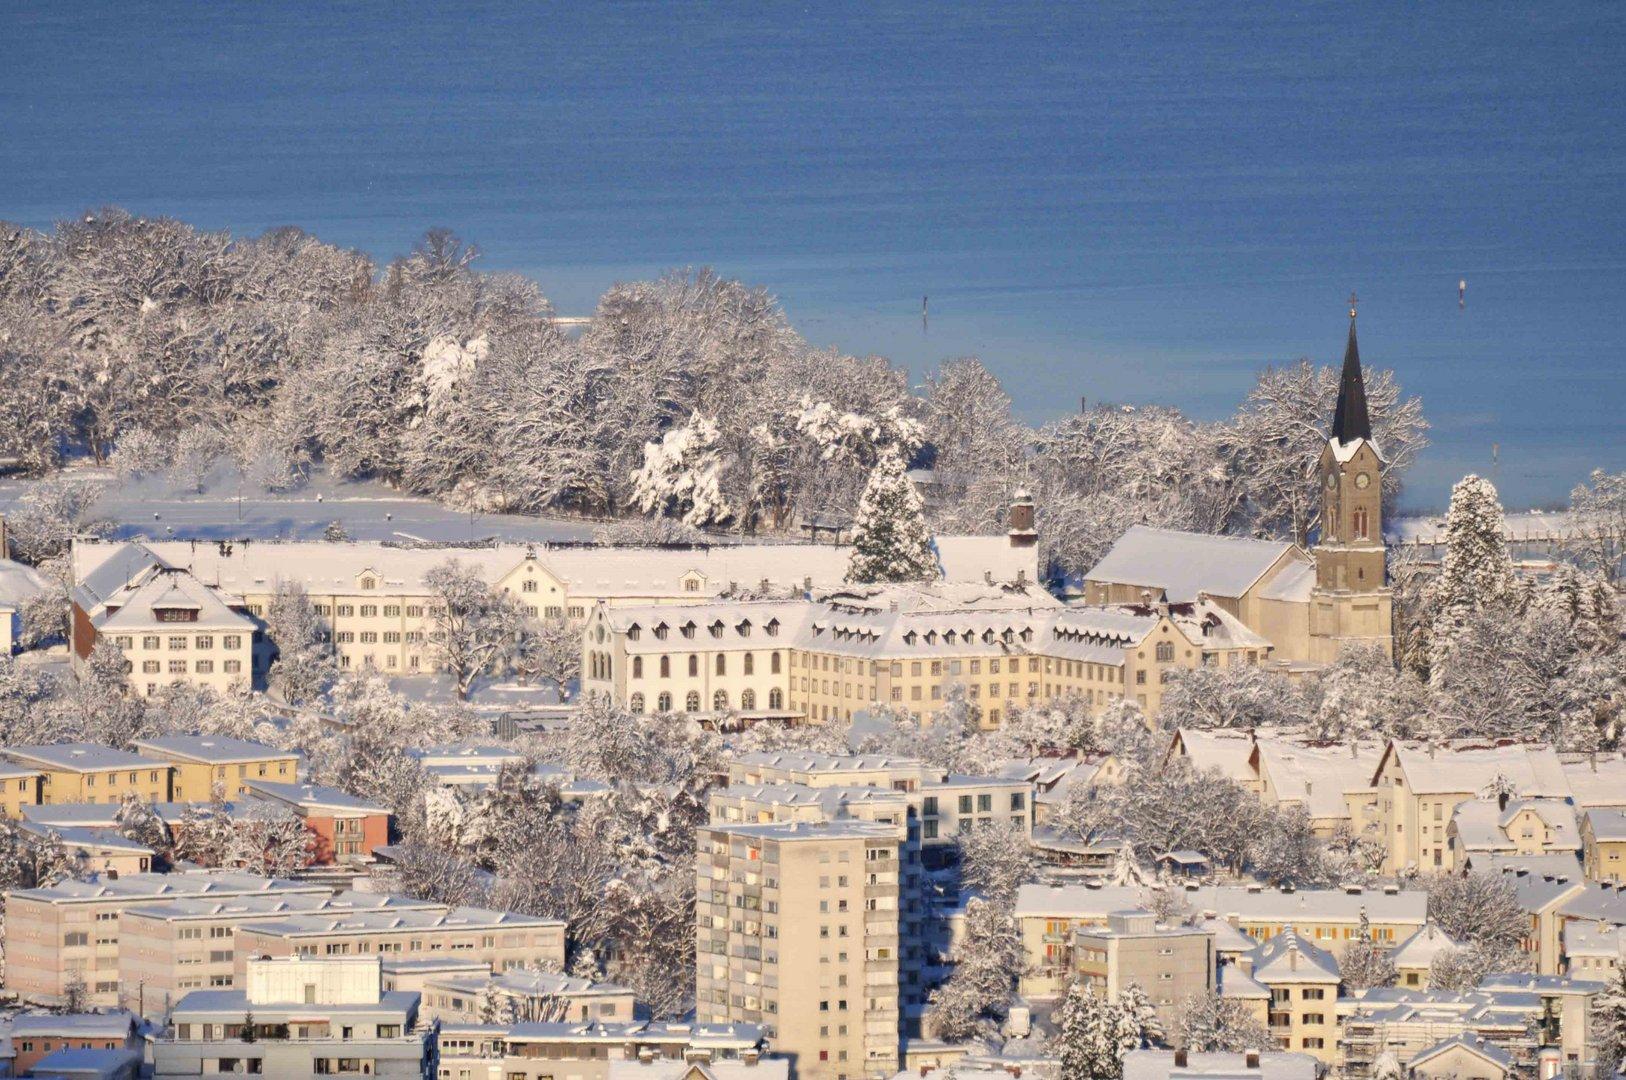 Kloster Mehrerau im Winter